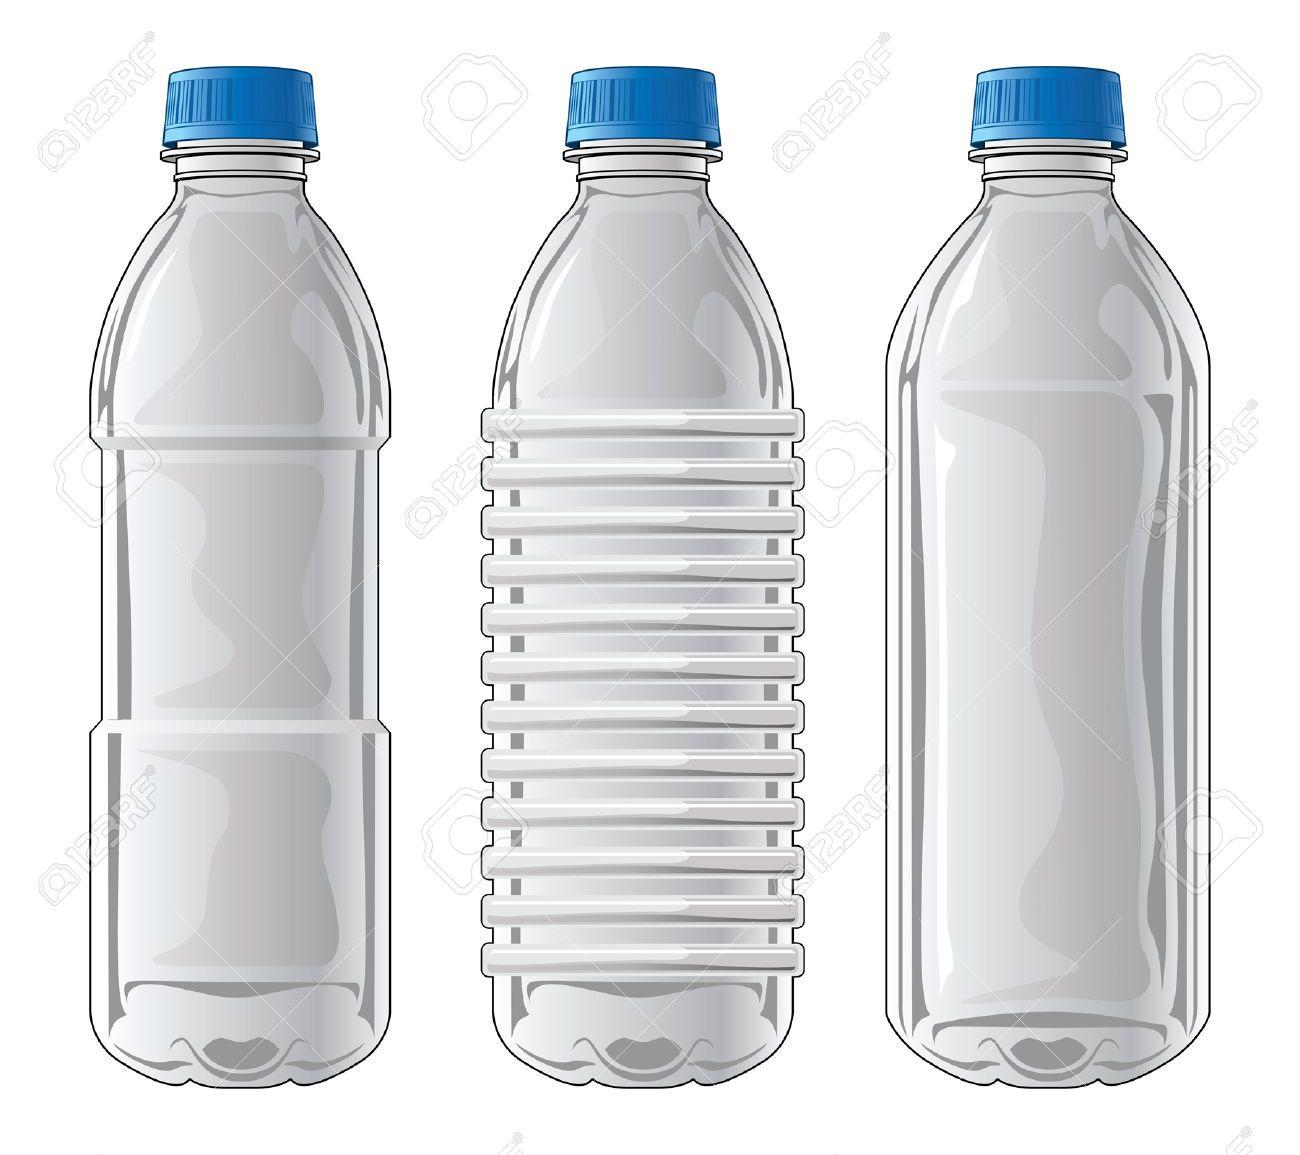 botellas de plastico se pueden crear pequeas macetas decoradas y personalizadas segun el gusto